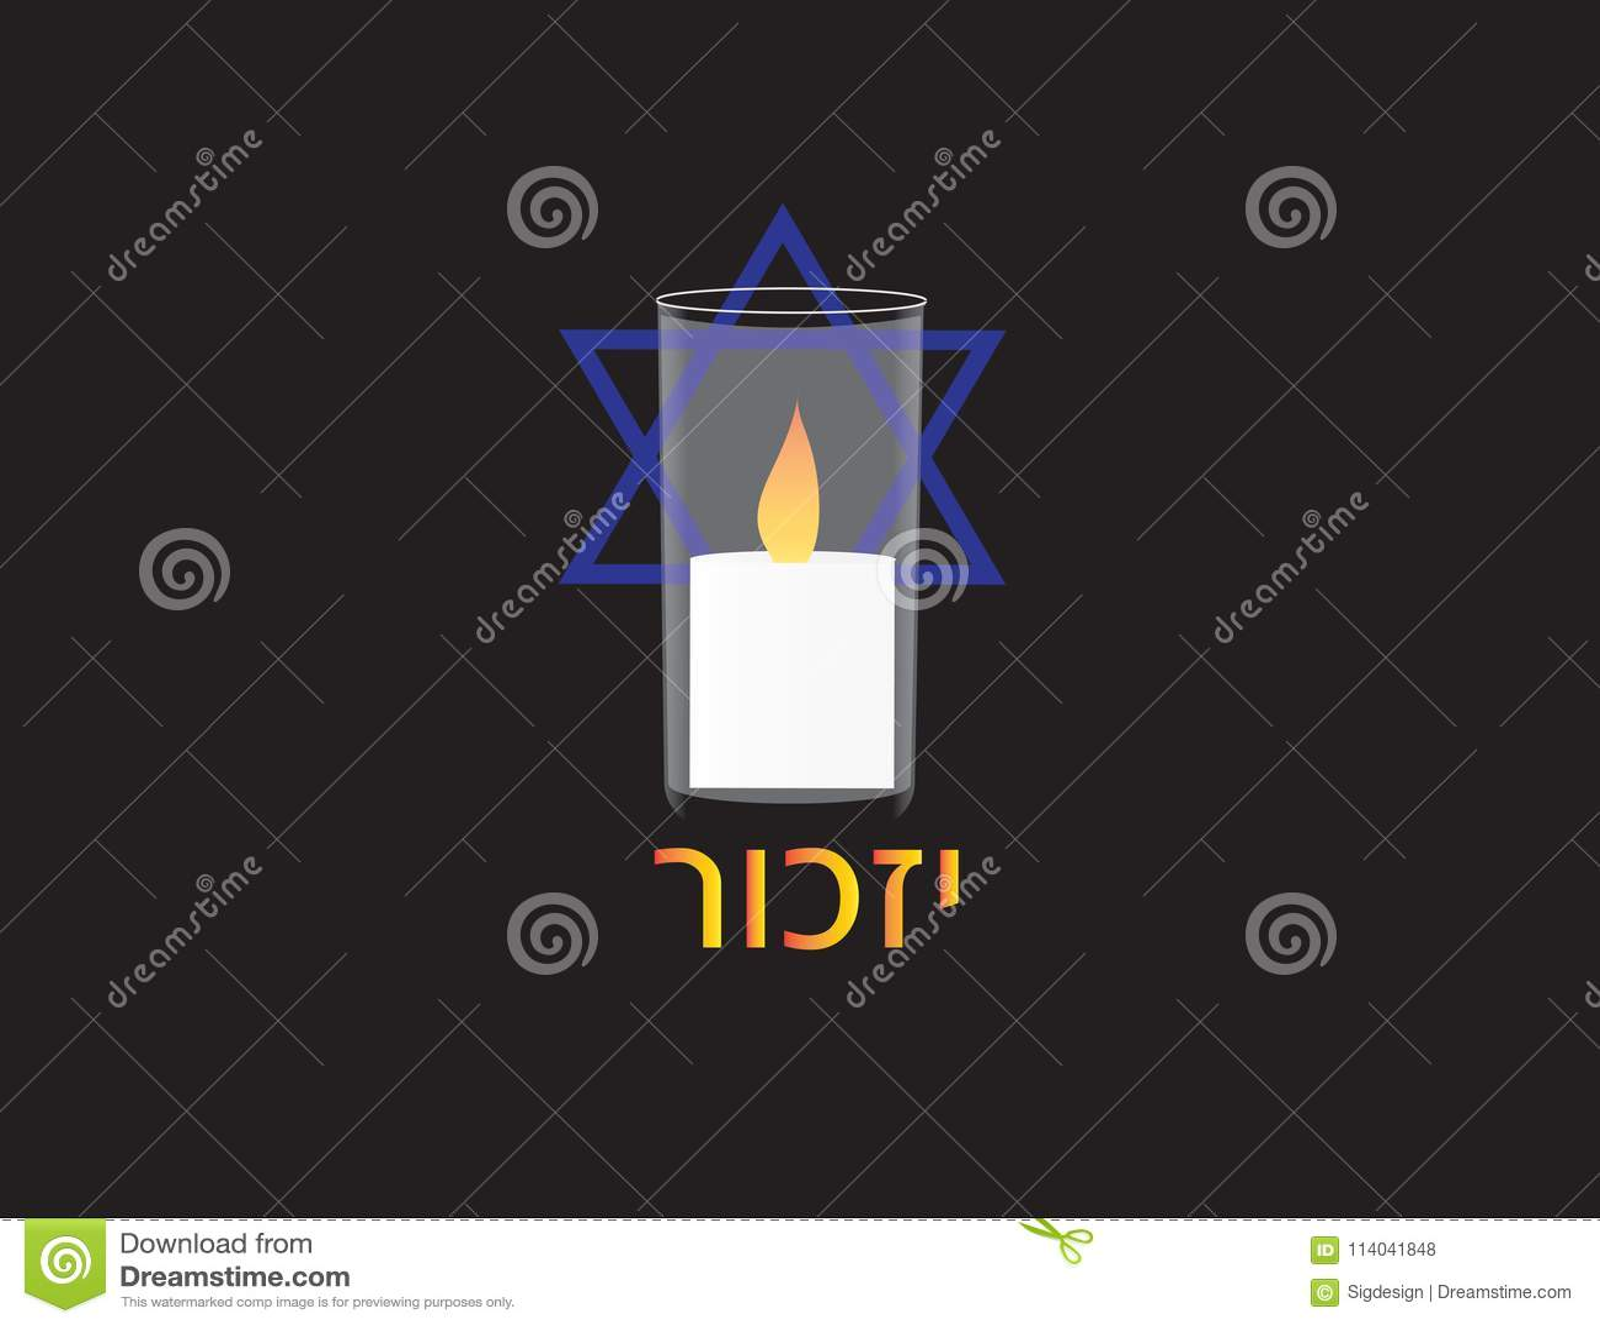 Знамя Дня памяти погибших в войнах Израиля Мемориальная свеча, звезда Давида, древнееврейского текста IZKOR